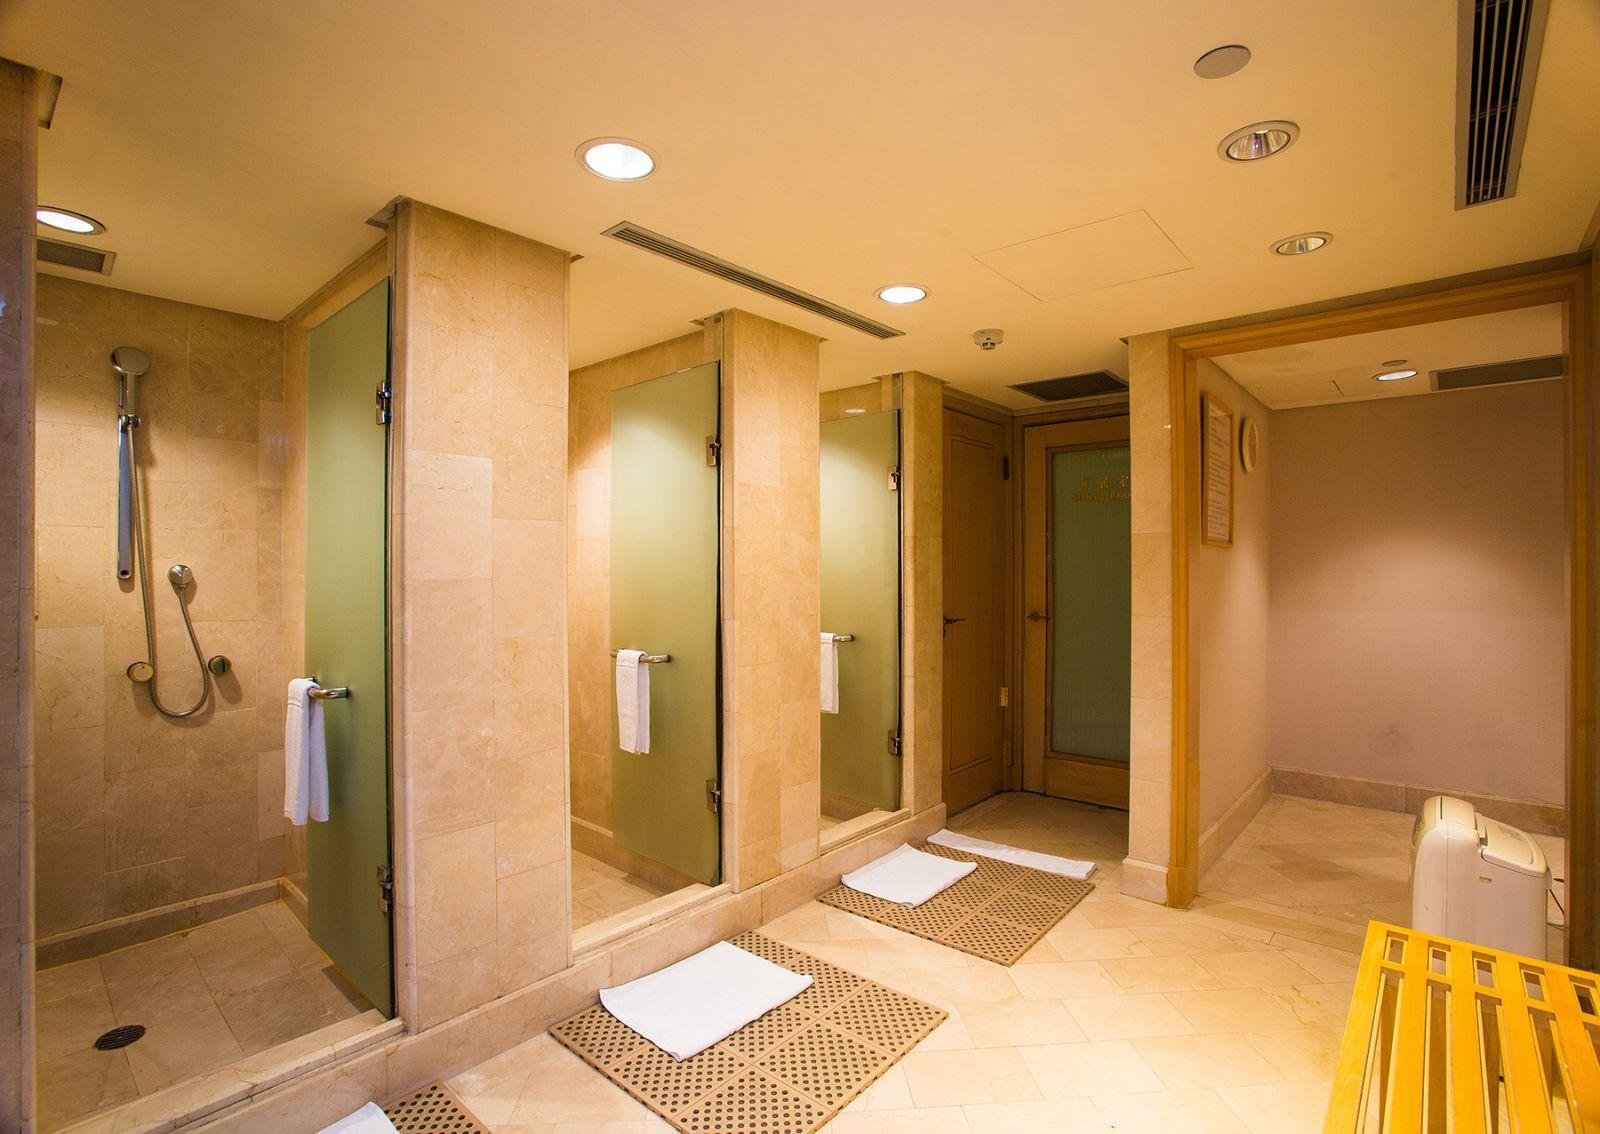 【健身房公告】因蒸氣室妥善維修保養暫時不提供服務